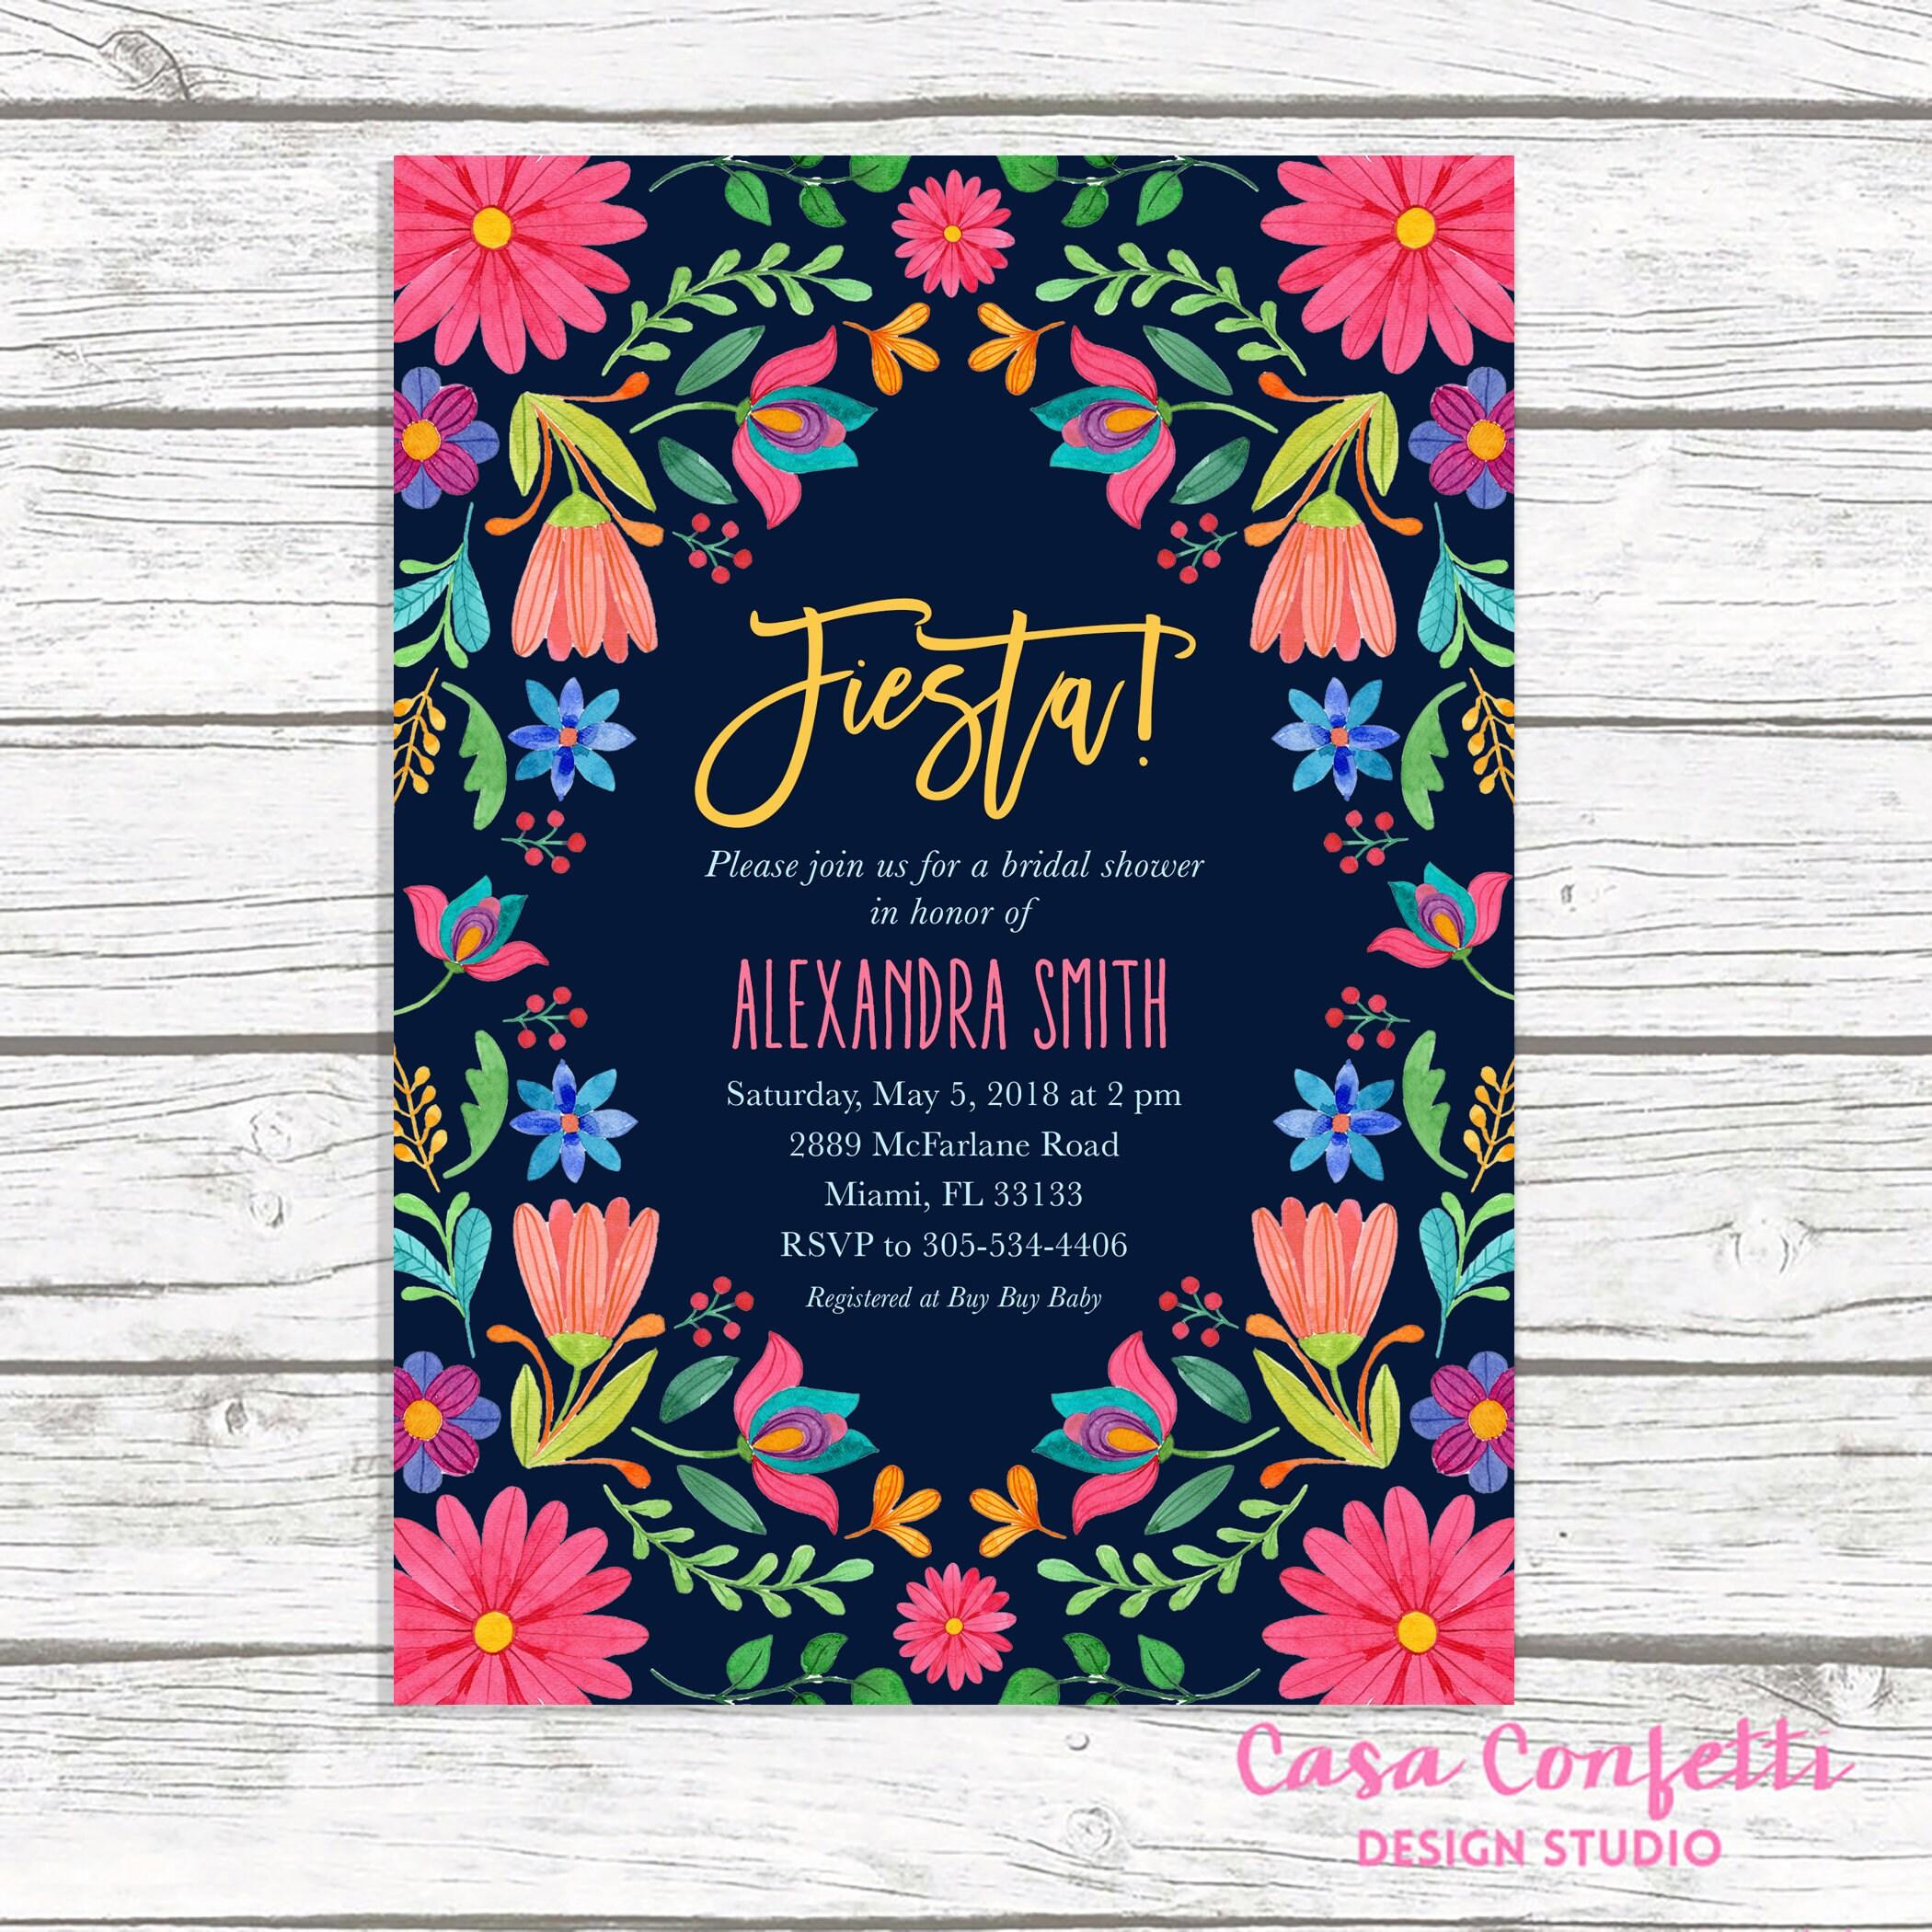 Fiesta Bridal Shower Invitation Cinco De Mayo Mexican Floral Invite